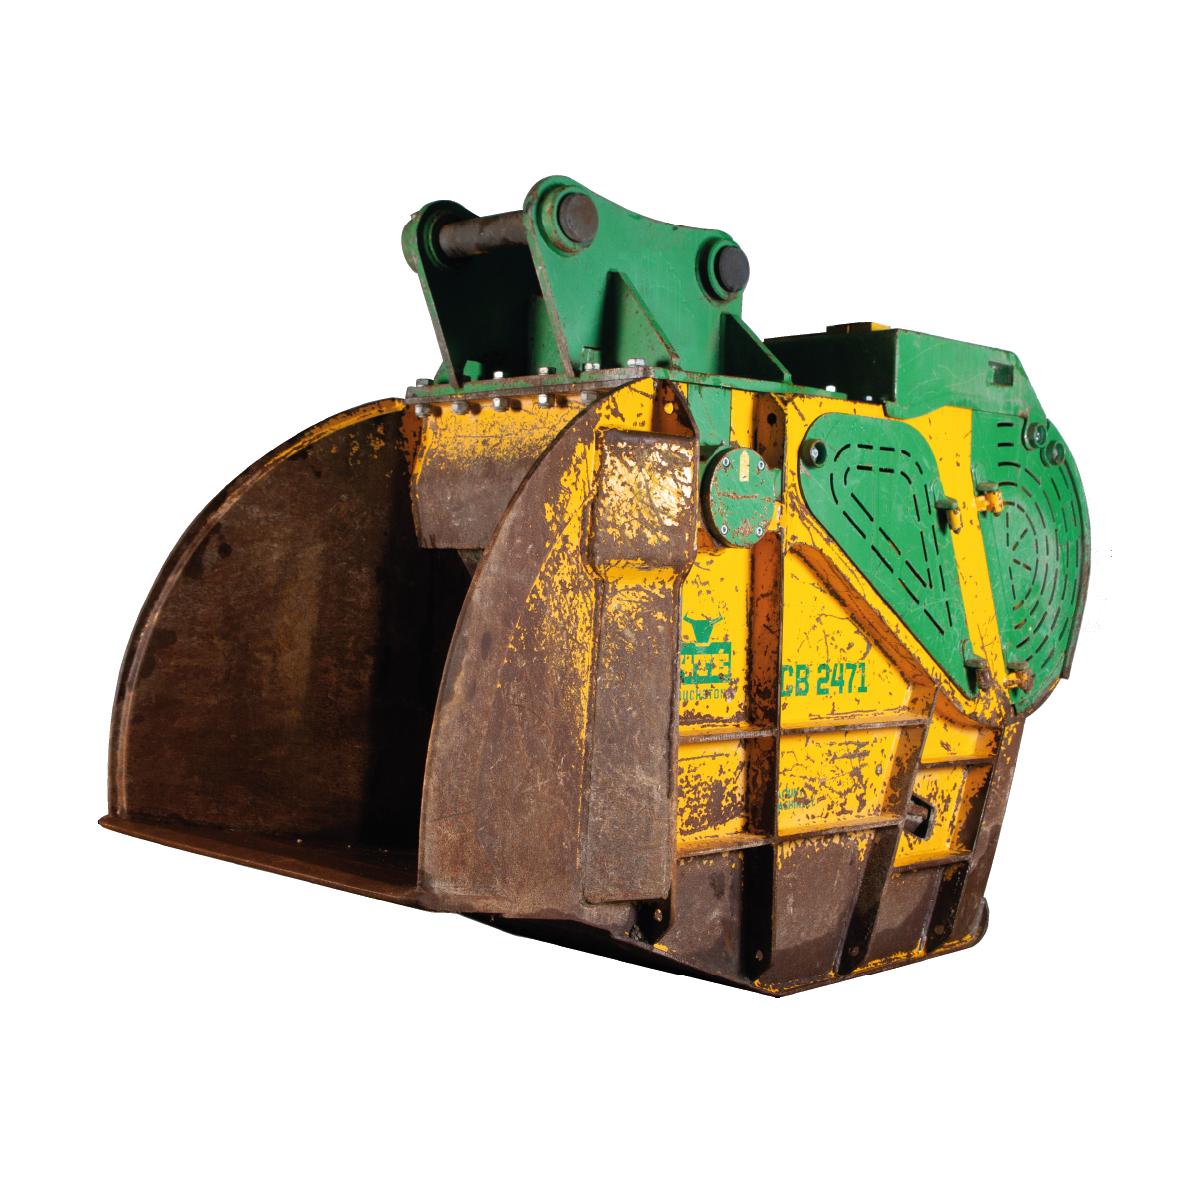 FCB-2471 Crusher Bucket